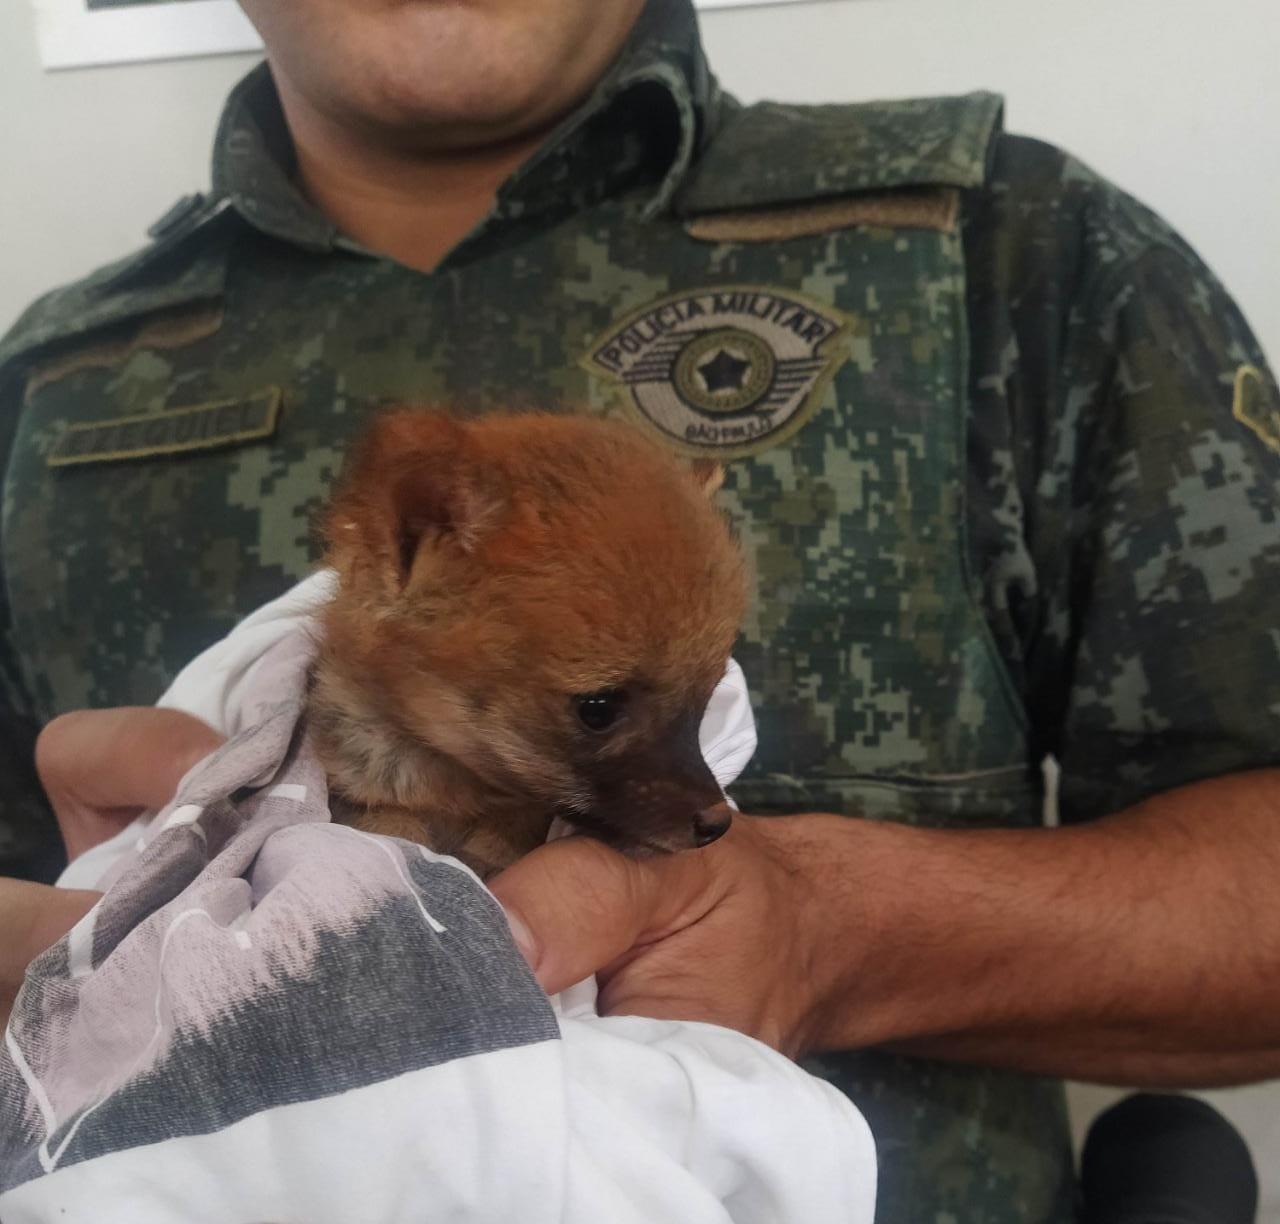 Polícia Ambiental resgata filhote de lobo-guará às margens de rodovia no interior de SP